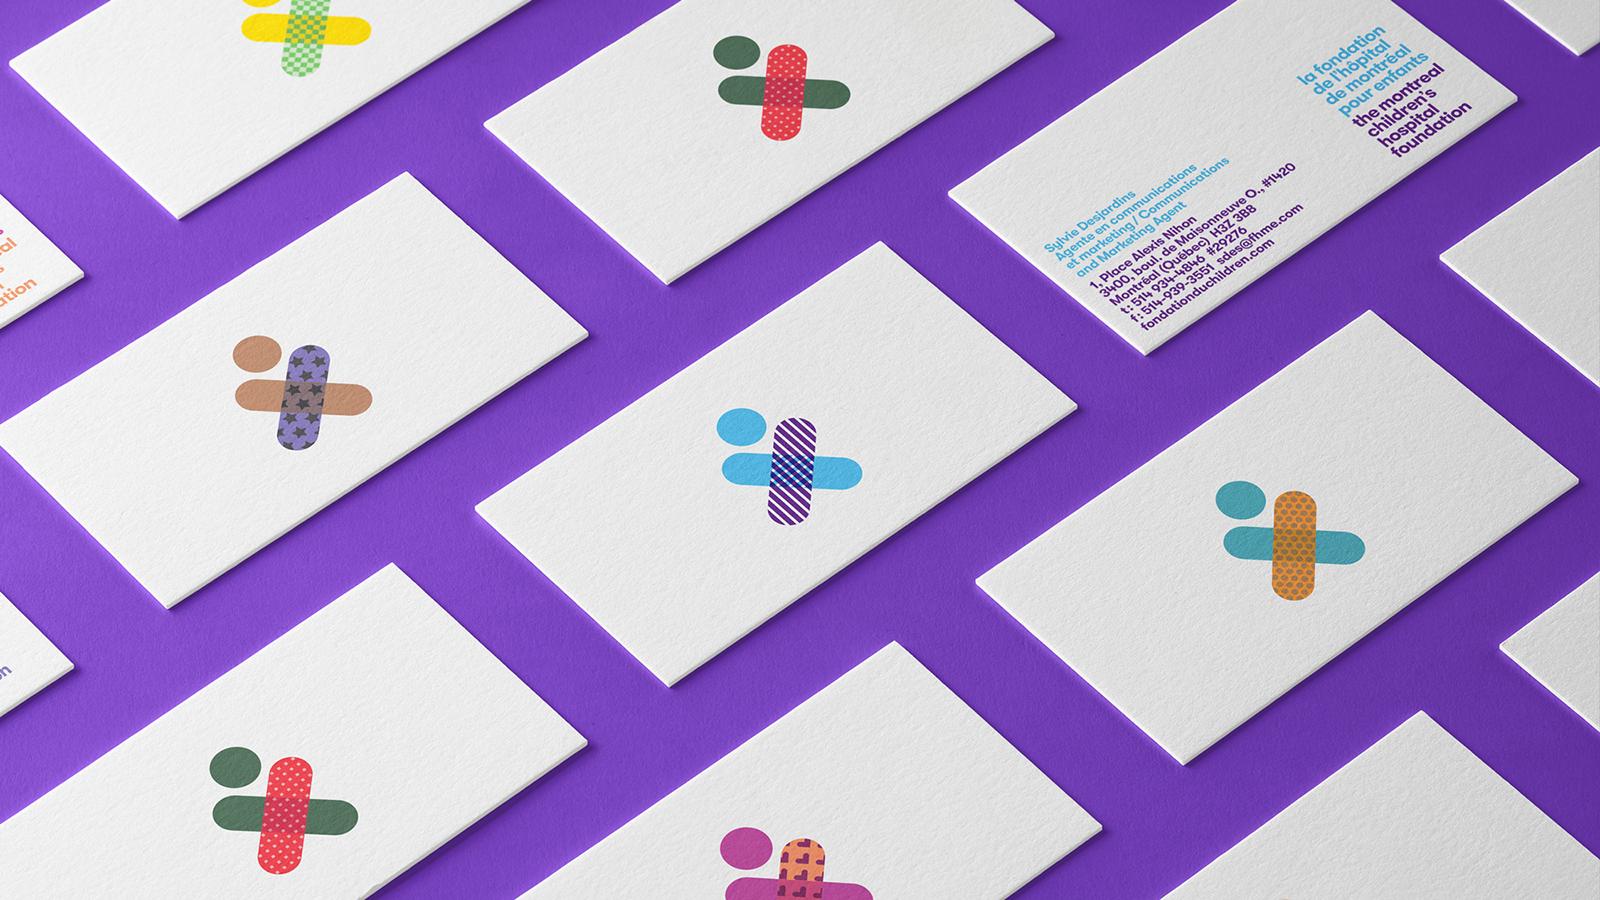 蒙特利爾兒童醫院基金會啟動新的logo和形象-VI設計6